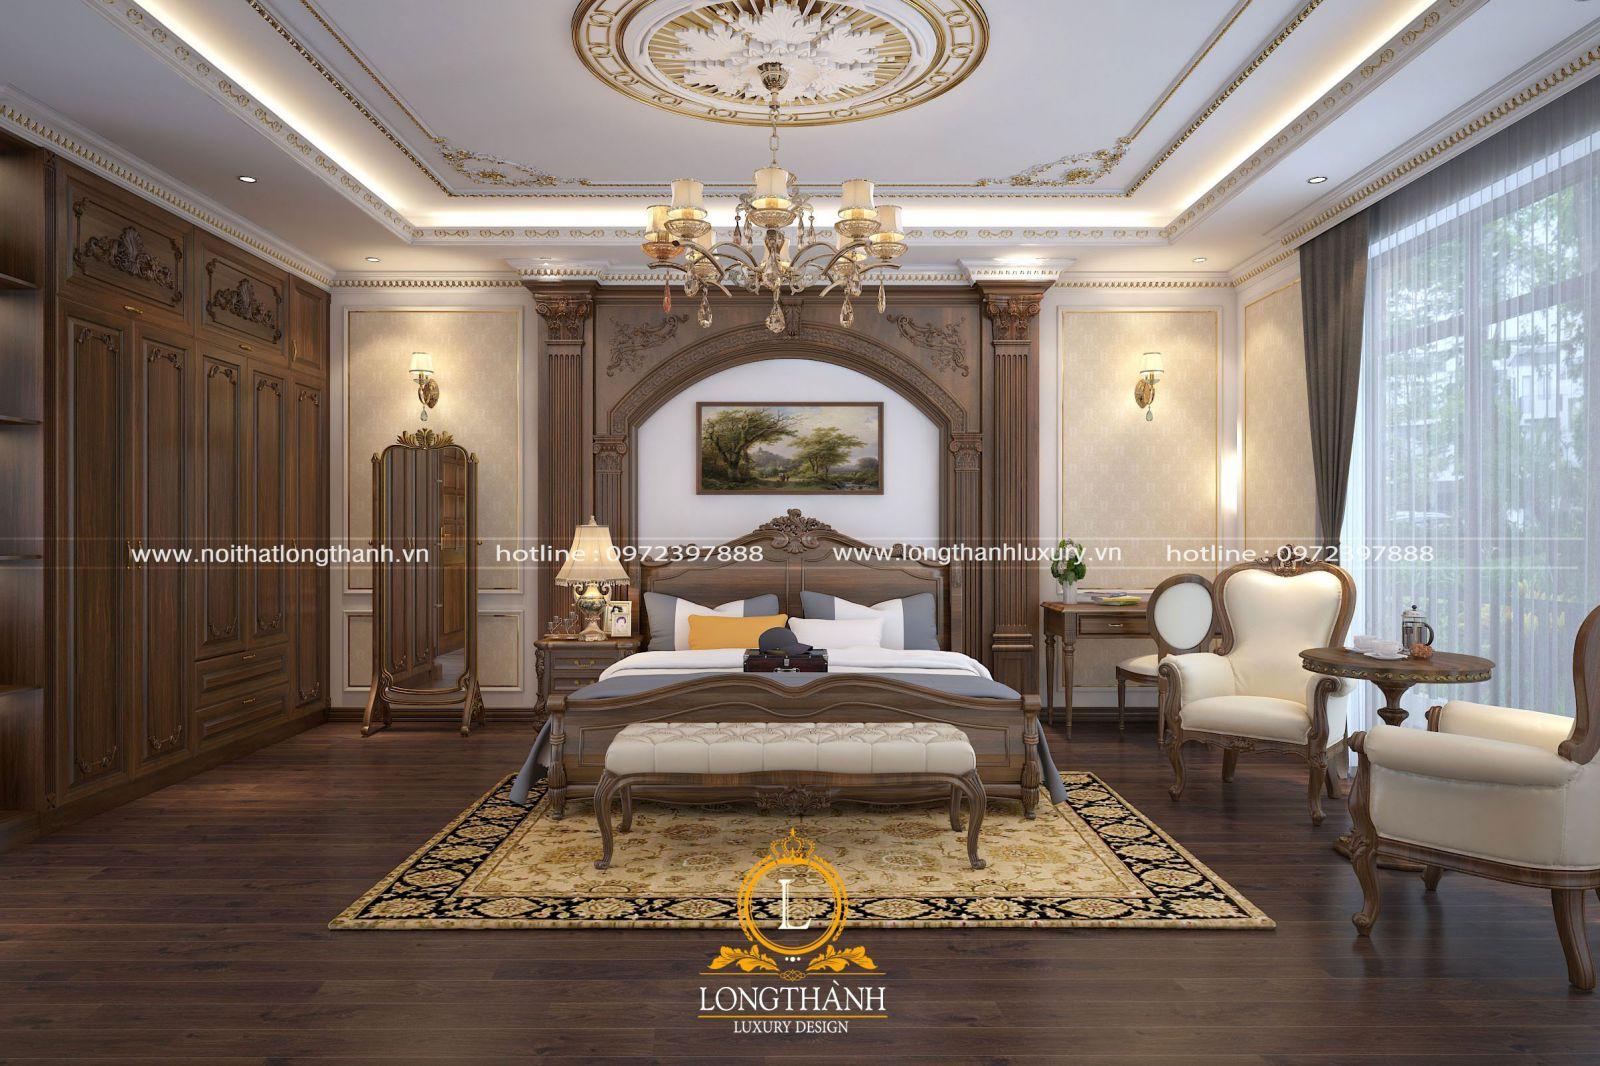 Không gian phòng ngủ cao cấp tiện nghi